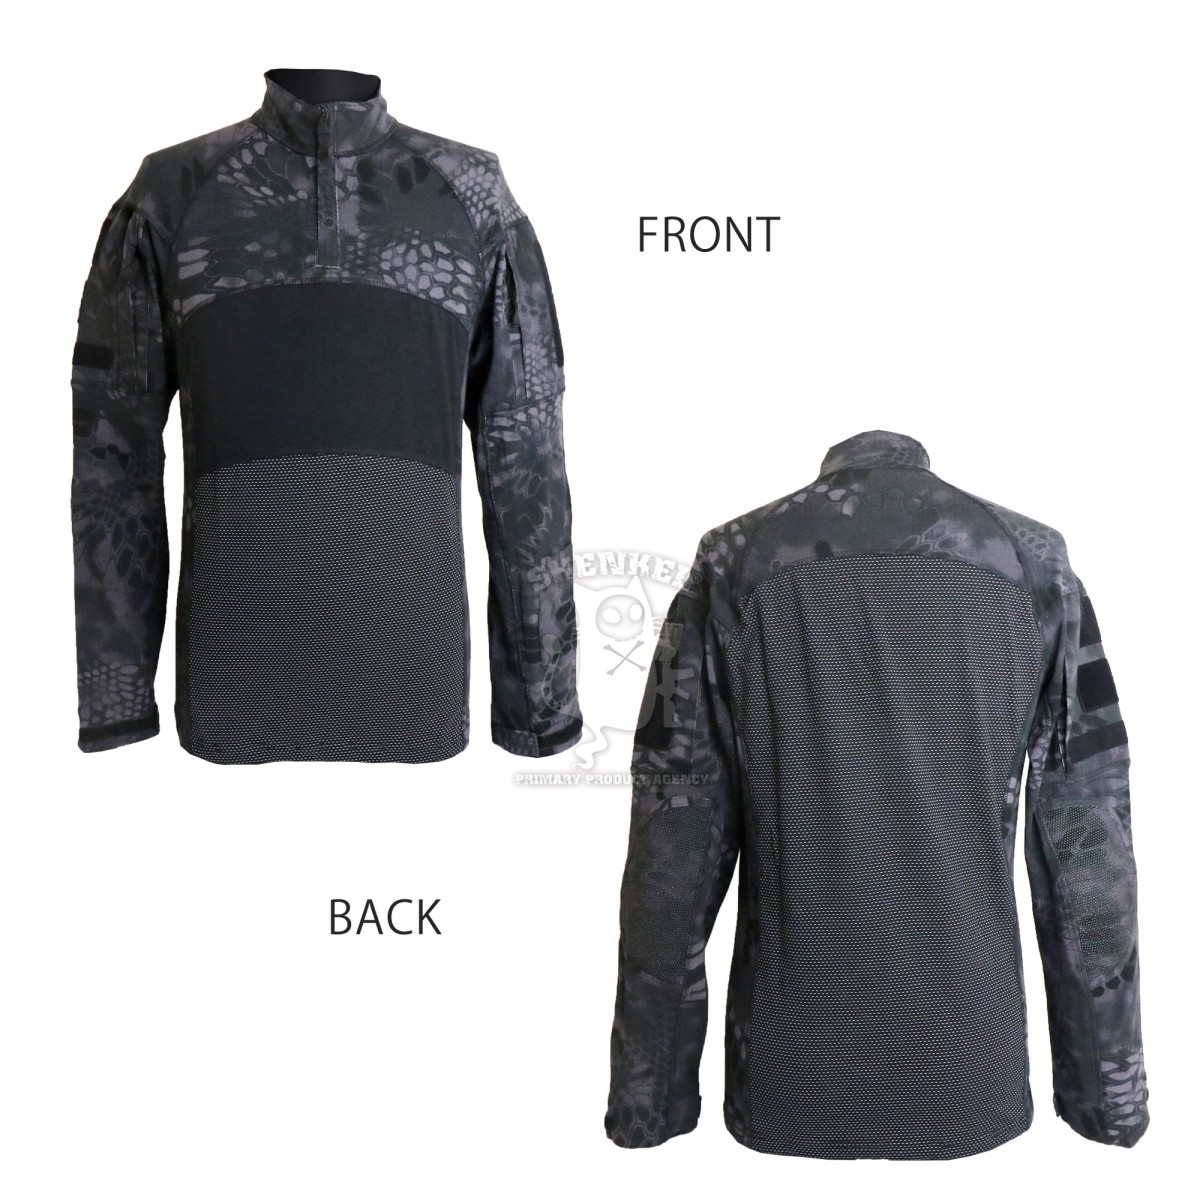 SHENKEL ACS typeIIスタイル  アーミー コンバットシャツ 長袖 ( タイフォン SMLサイズ ) メッシュ 米陸軍 通気性 乾燥性 クイックドライ